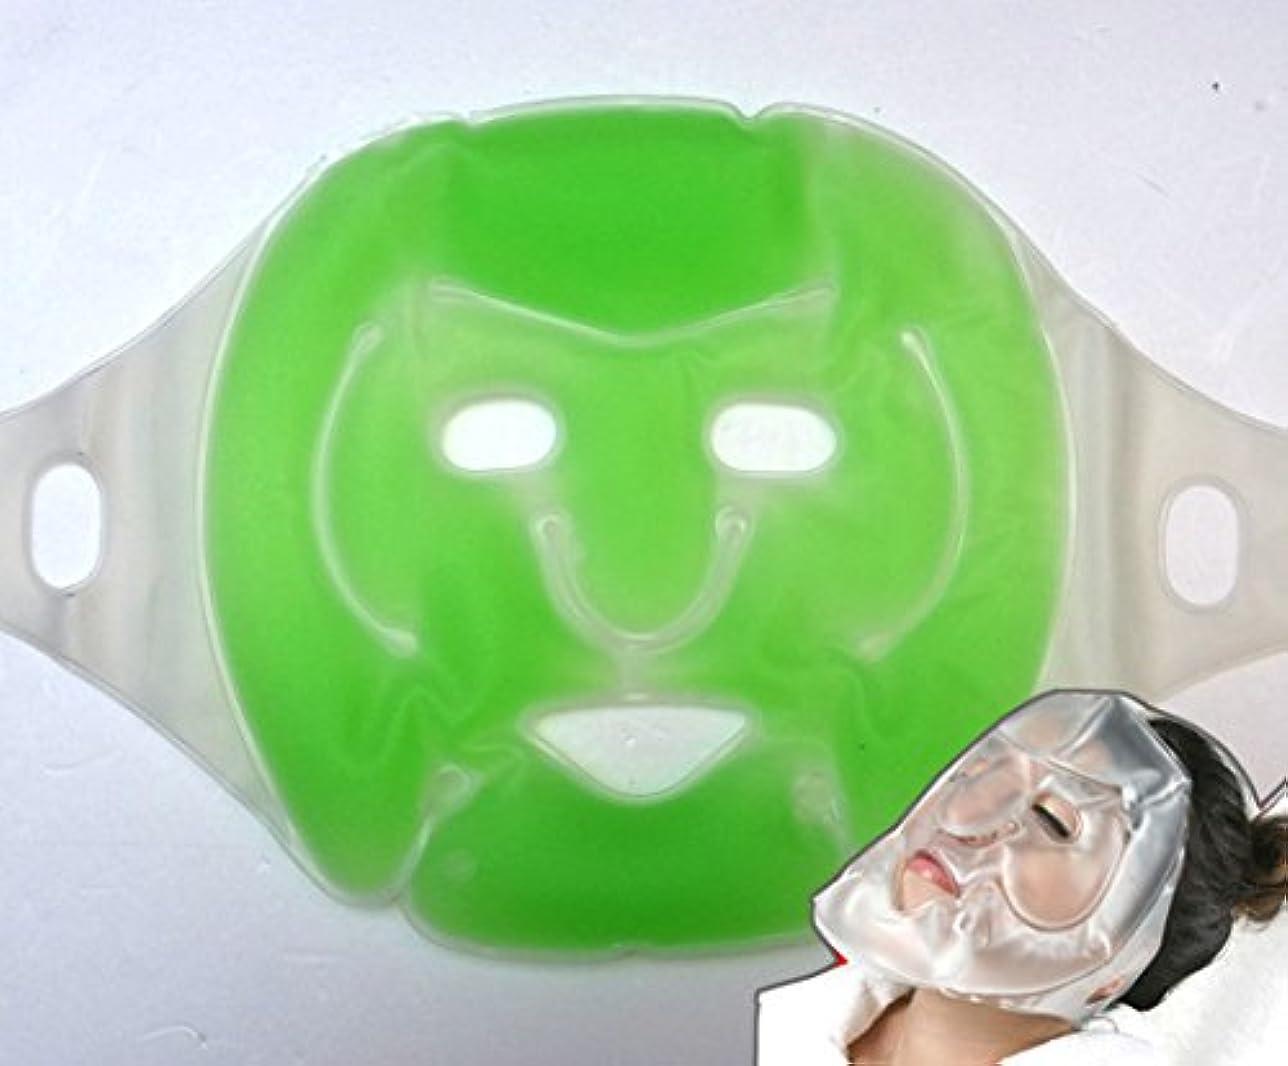 消費ダイアクリティカル降雨フェイスマッサージクールアイスマスクパック半永久的なフェイシャルマッサージ 毛穴収縮/緑色/Face Cool Massage Ice Mask Pack Semi-permanent Facial Massager Contracting...